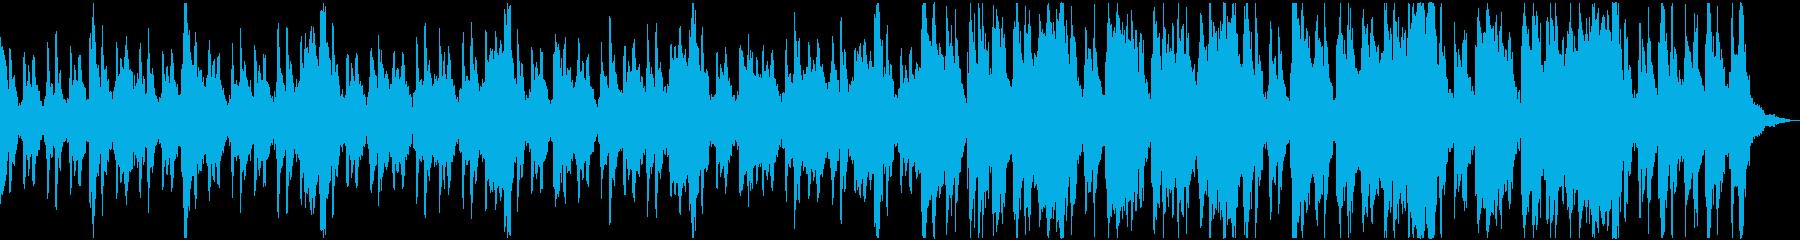 オーケストラ 希望に向かって の再生済みの波形